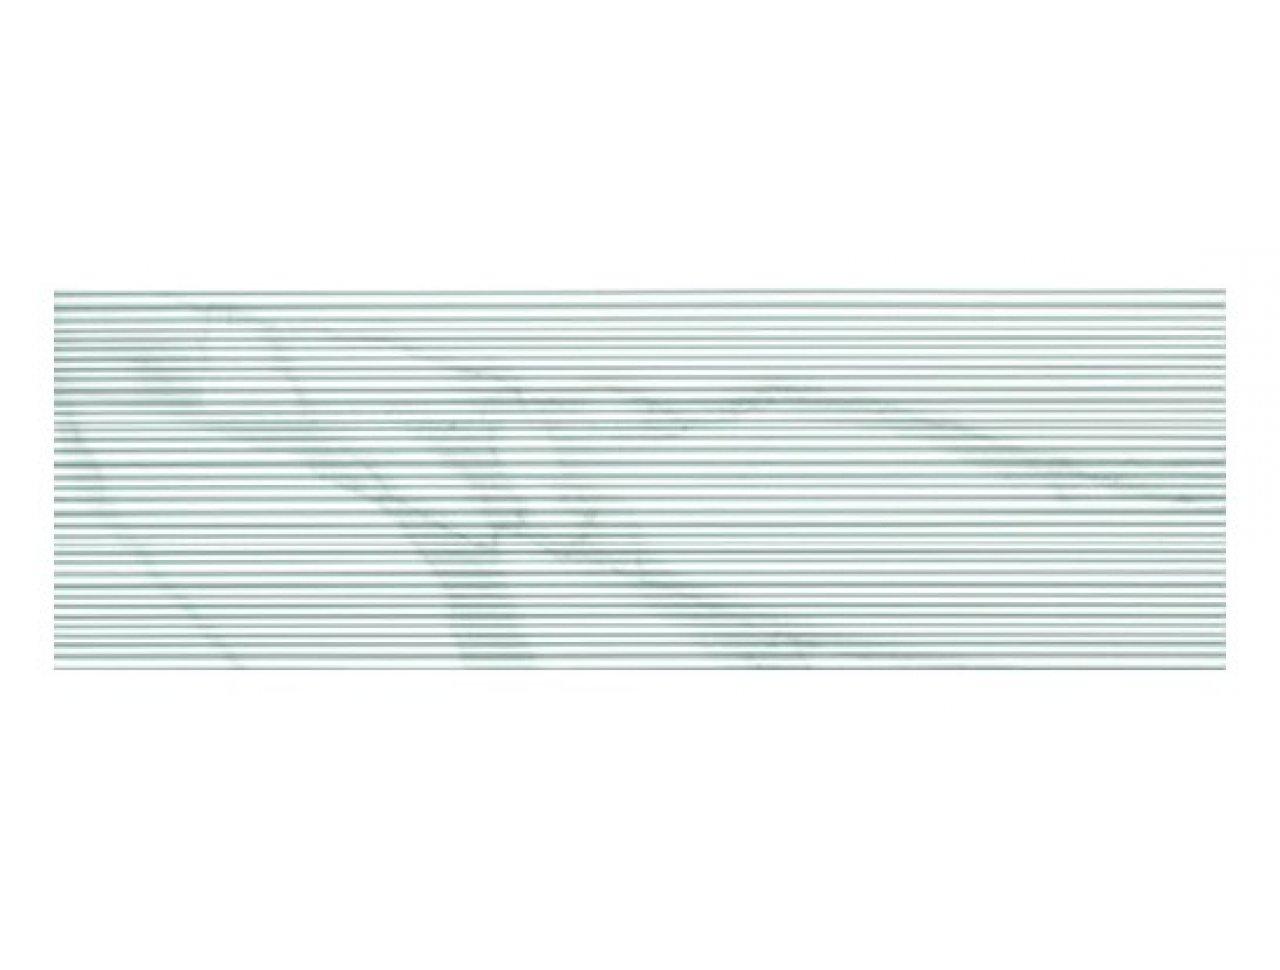 Настенная плитка FAP Roma Filo Statuario 75 x 25 см, Арт. fLSW